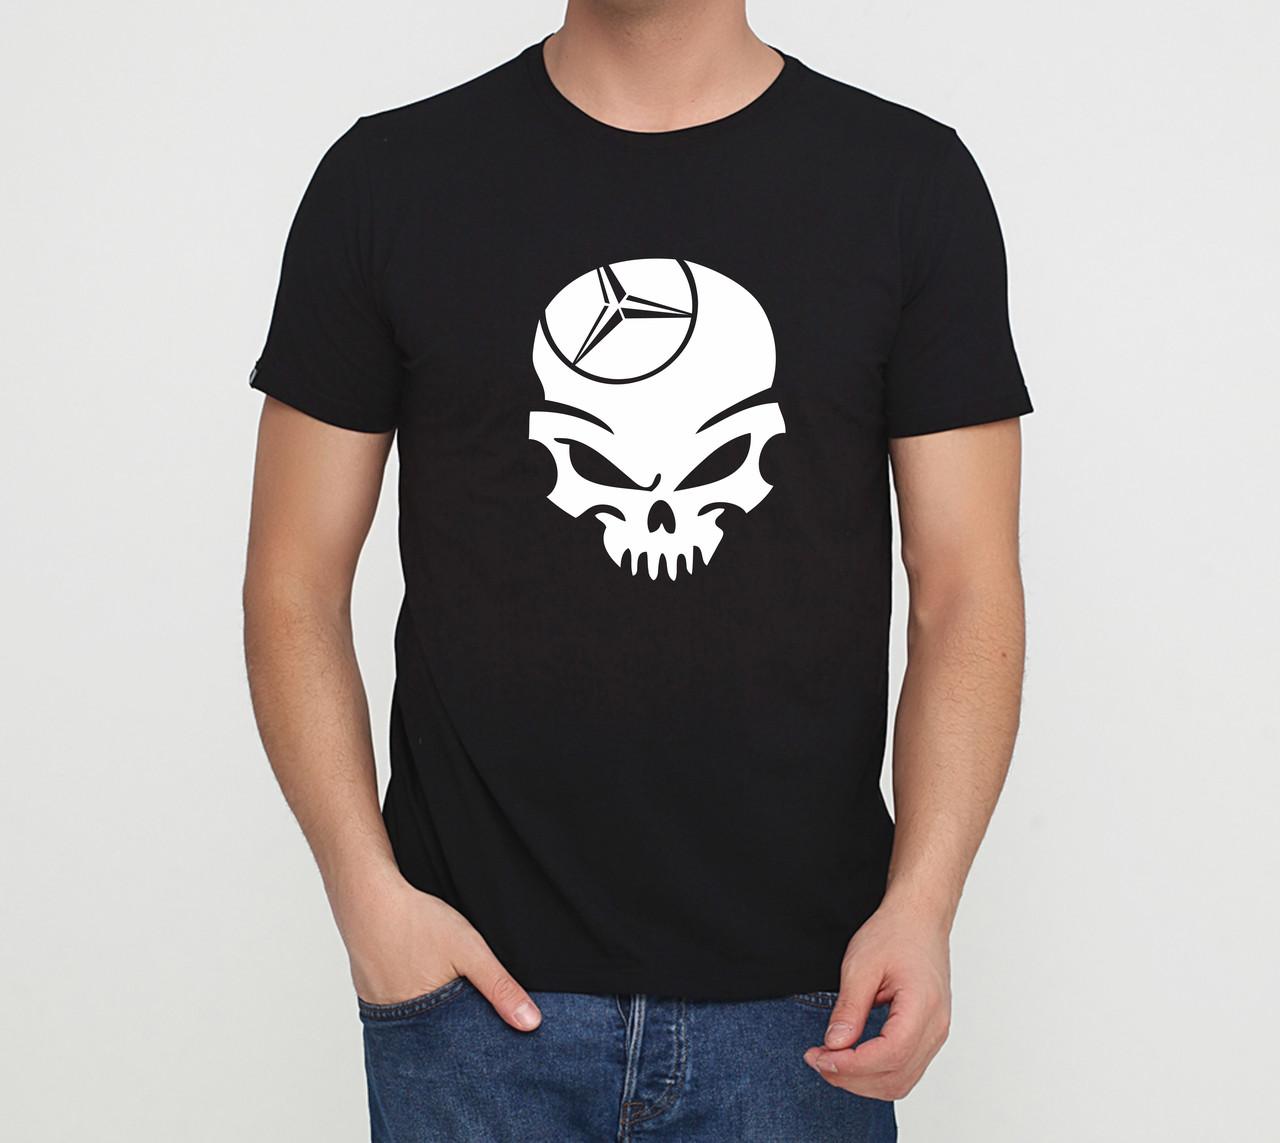 Футболка mercedes skull чорна